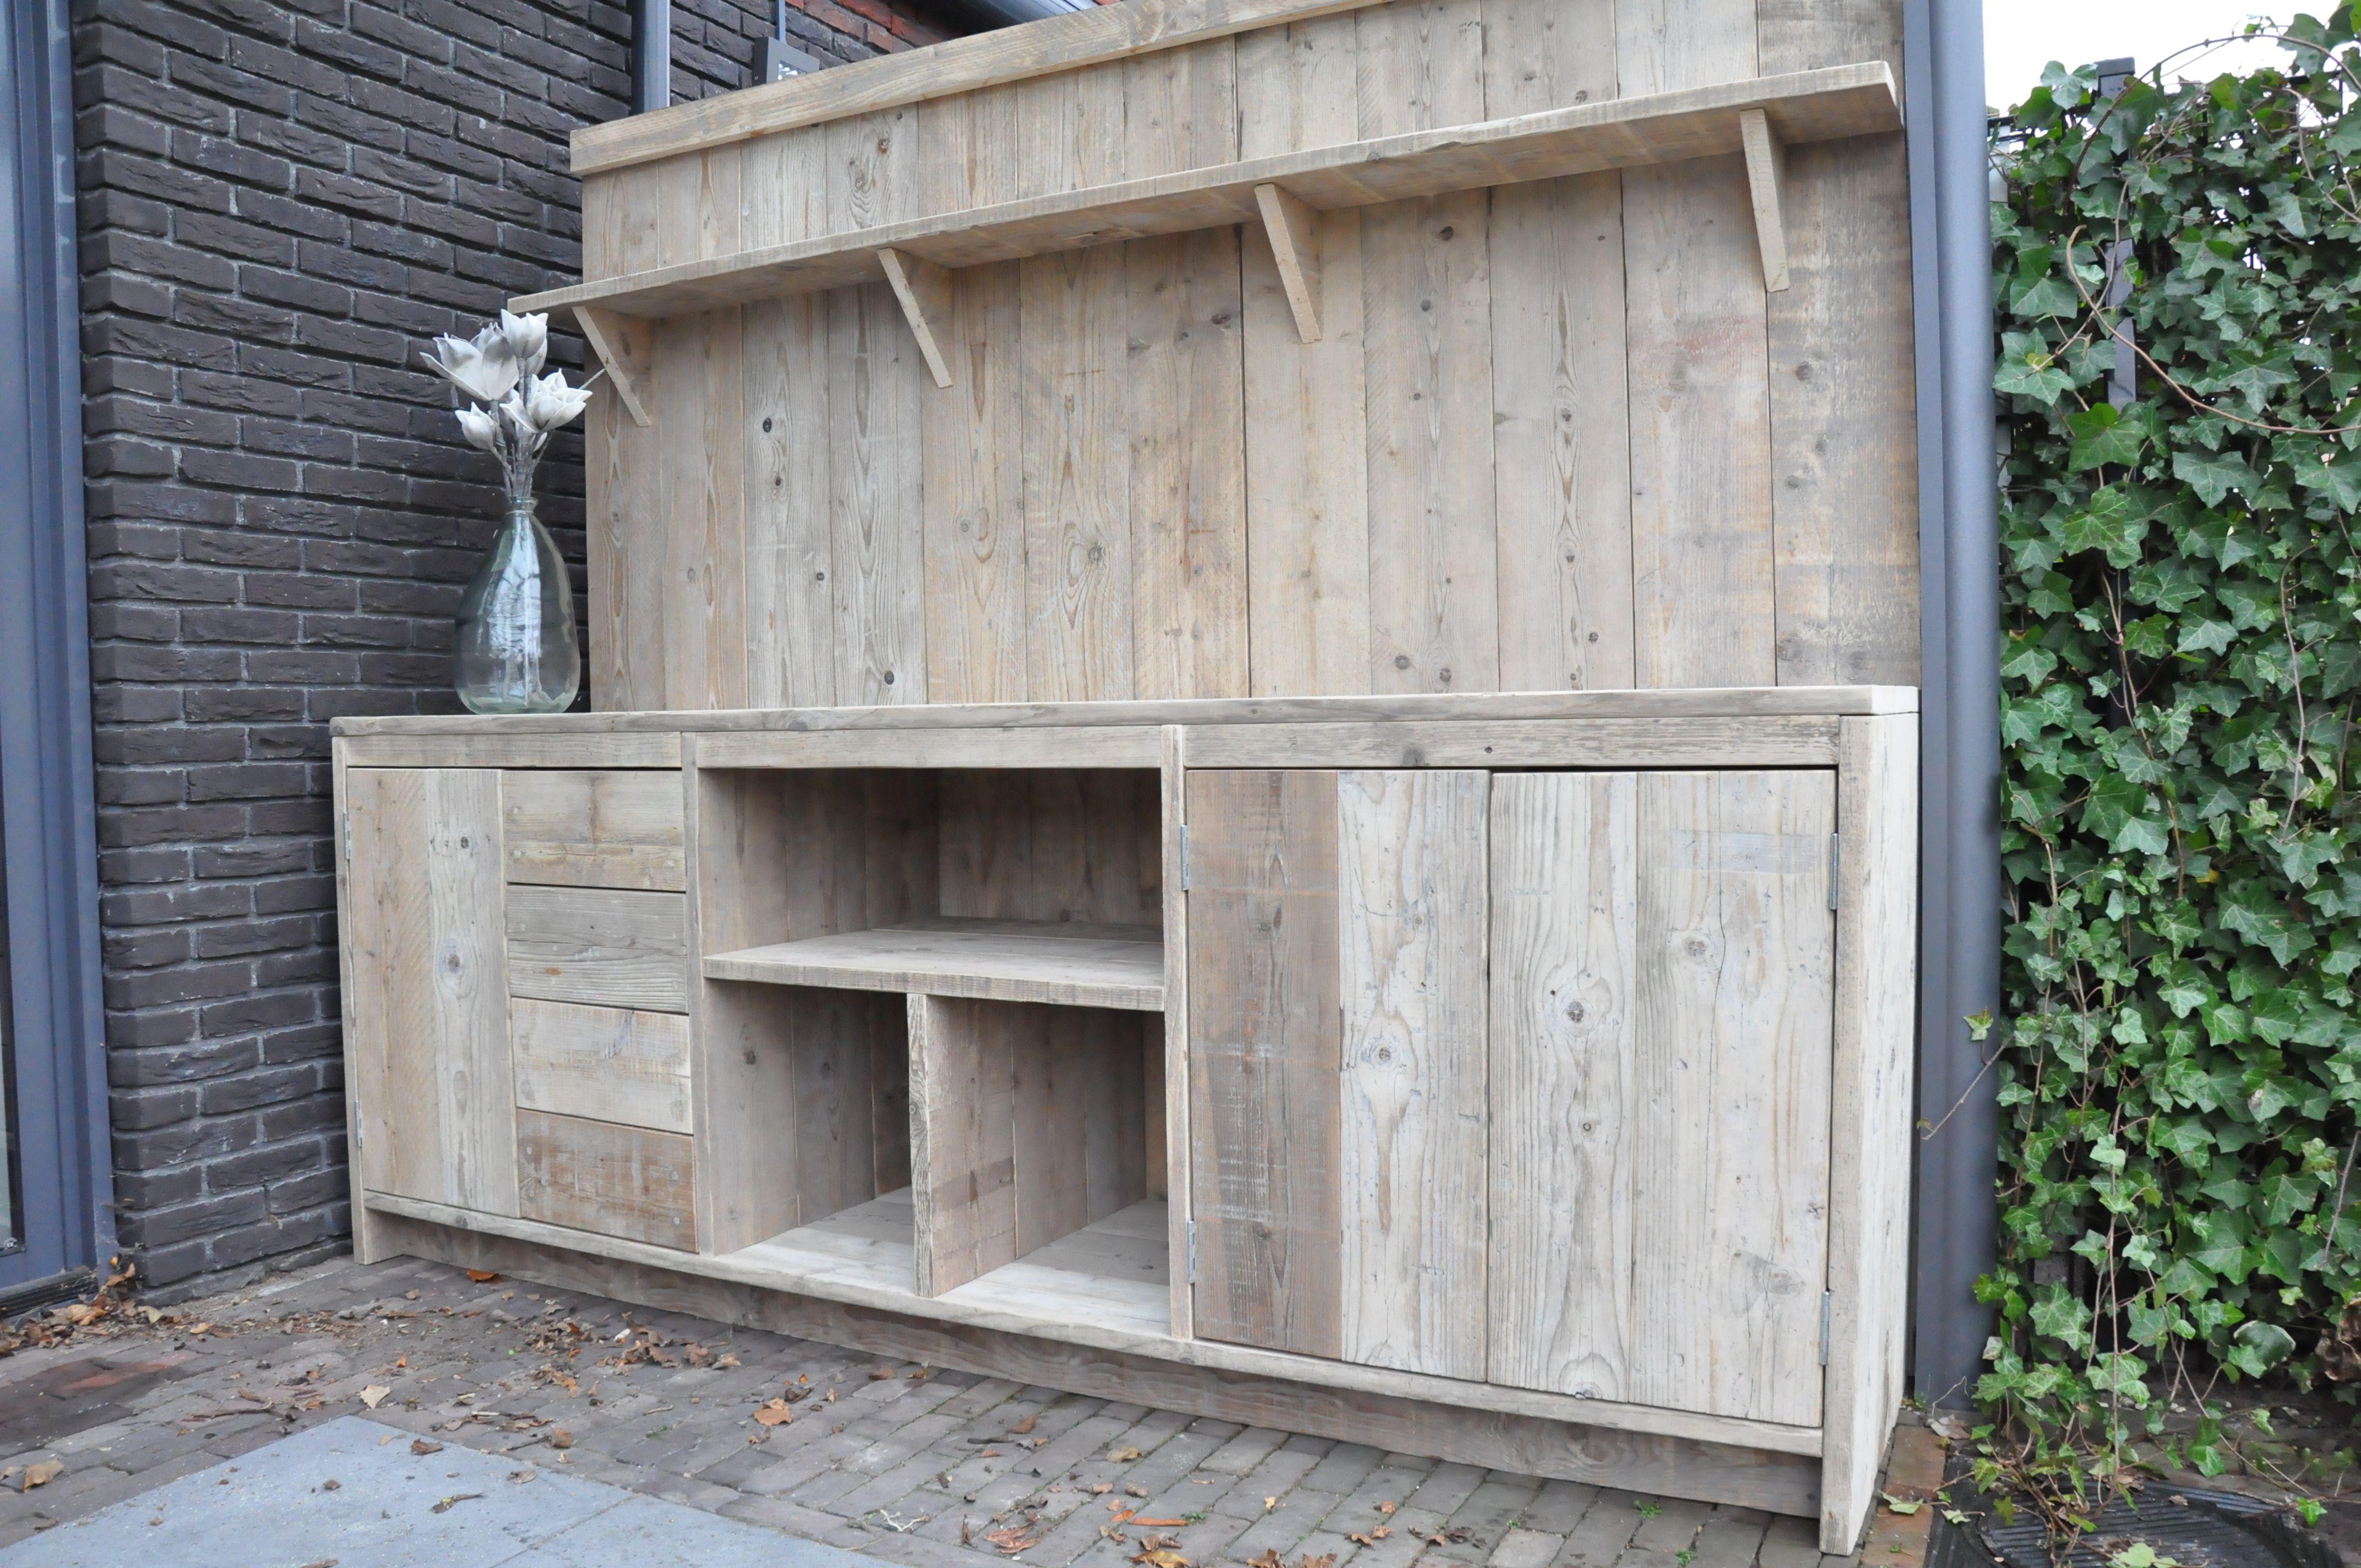 Buitenkeuken    kast Gemaakt van geschuurd, gebruikt steigerhout  Voorzien van veel opbergruimten